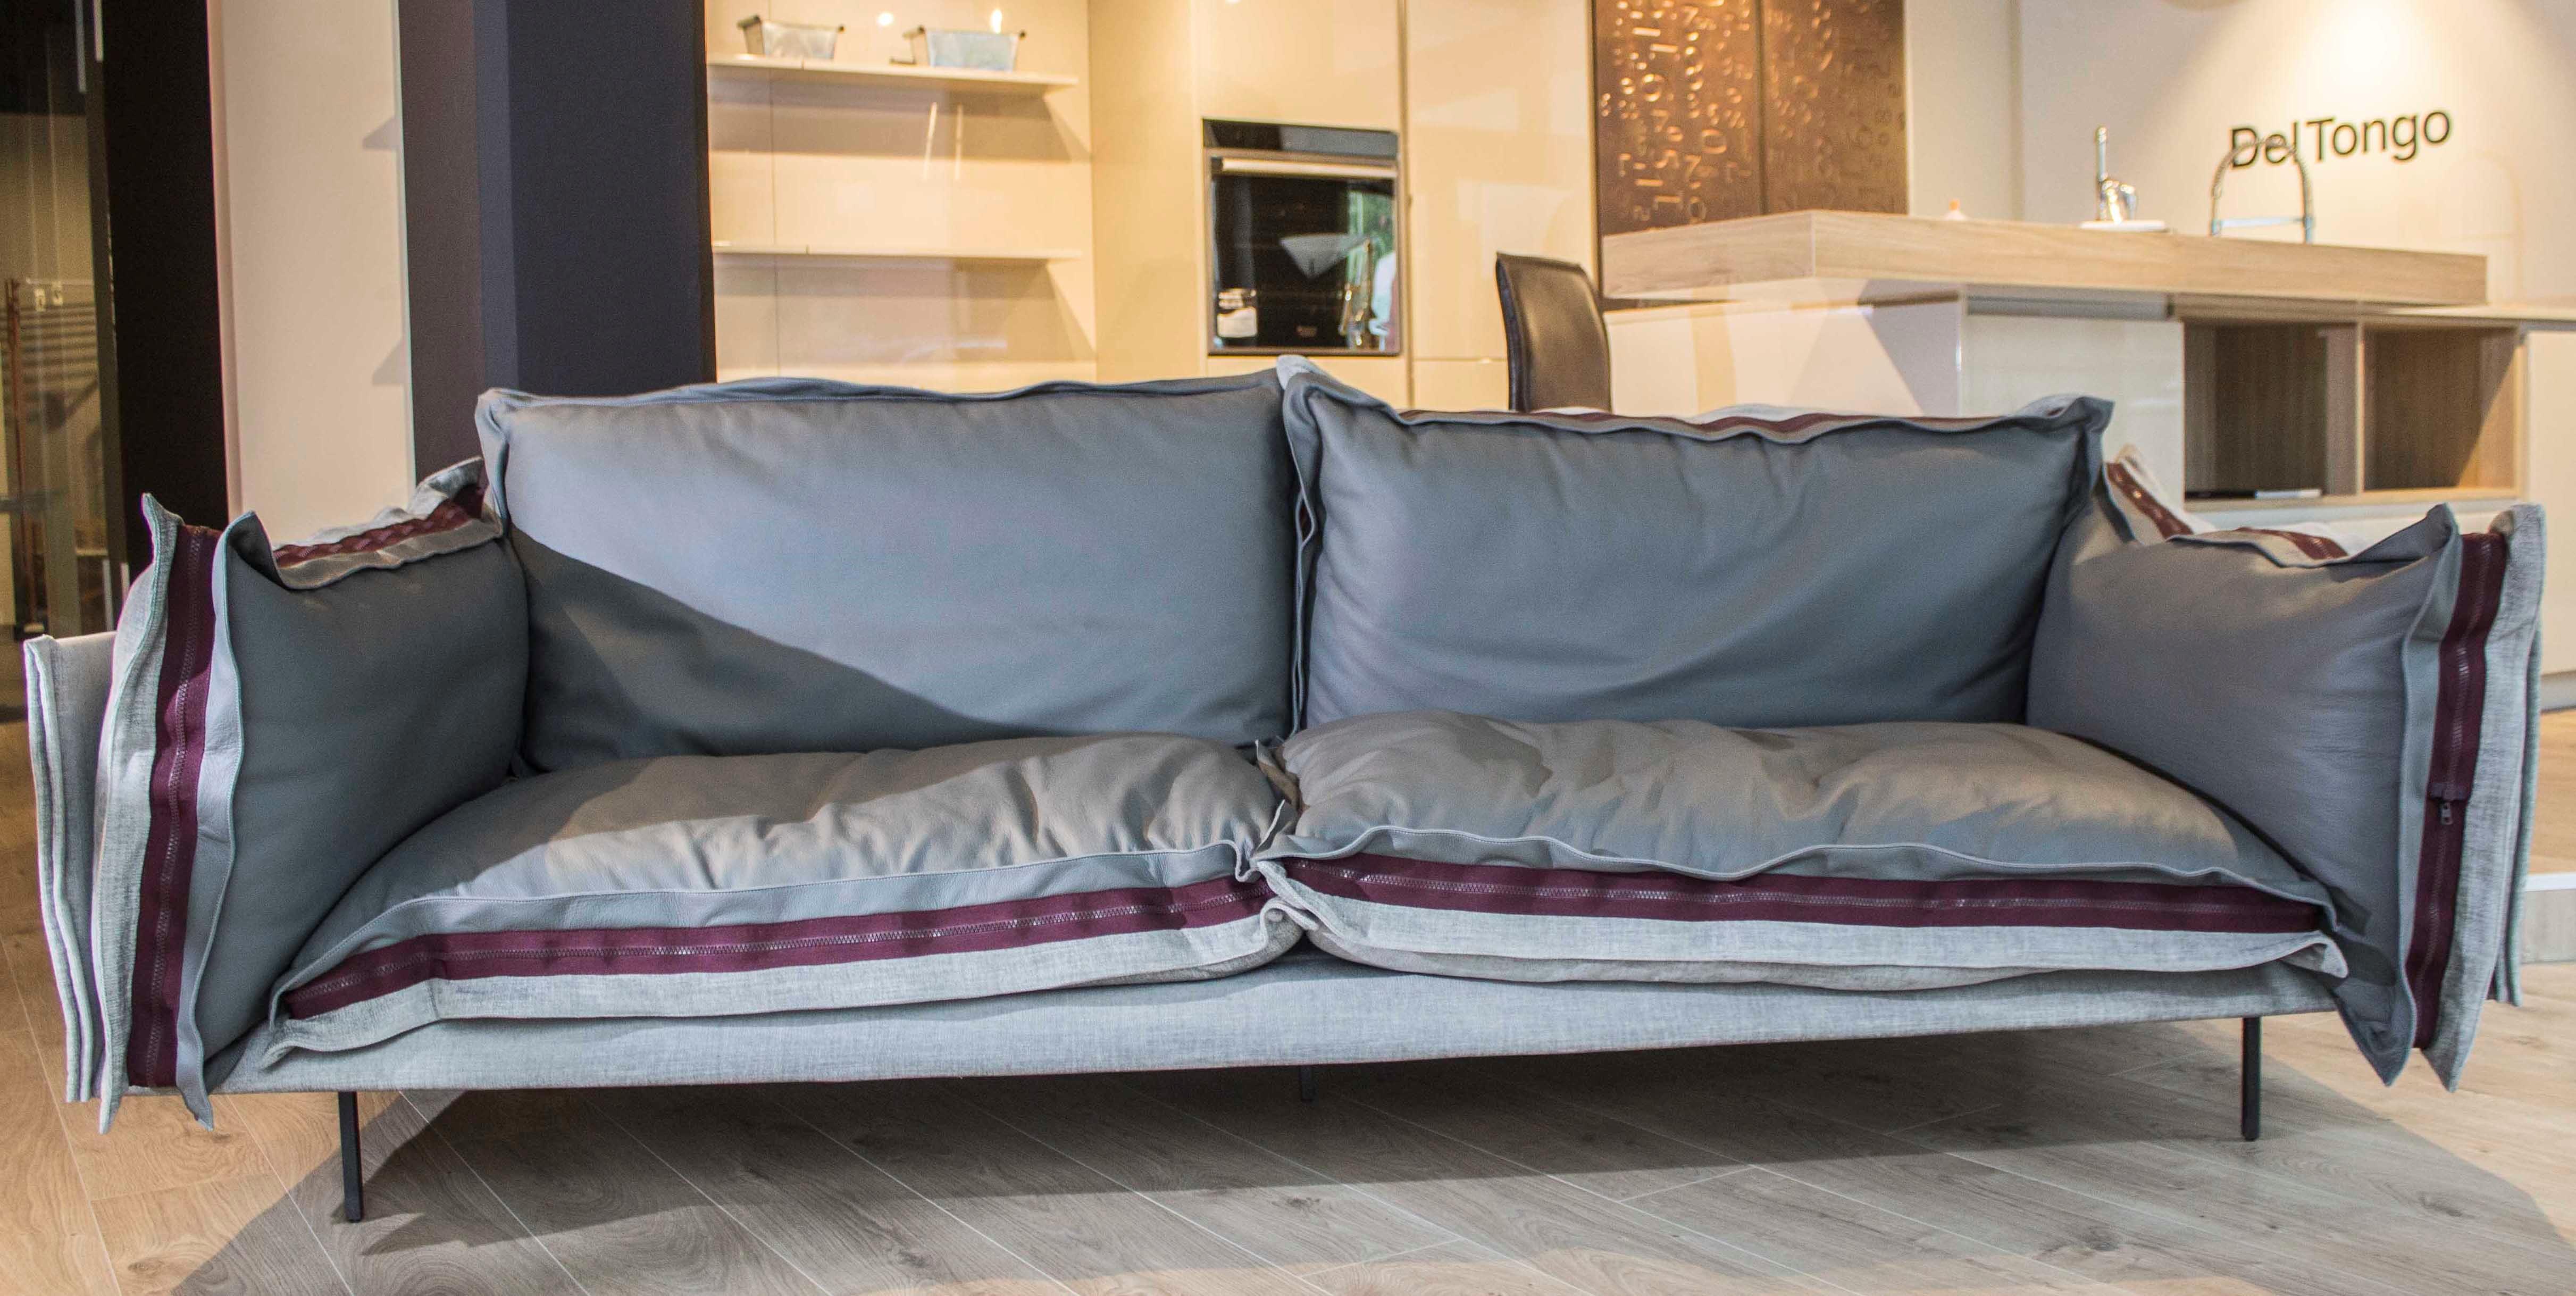 divano arketipo modello autoreverse divani a prezzi scontati